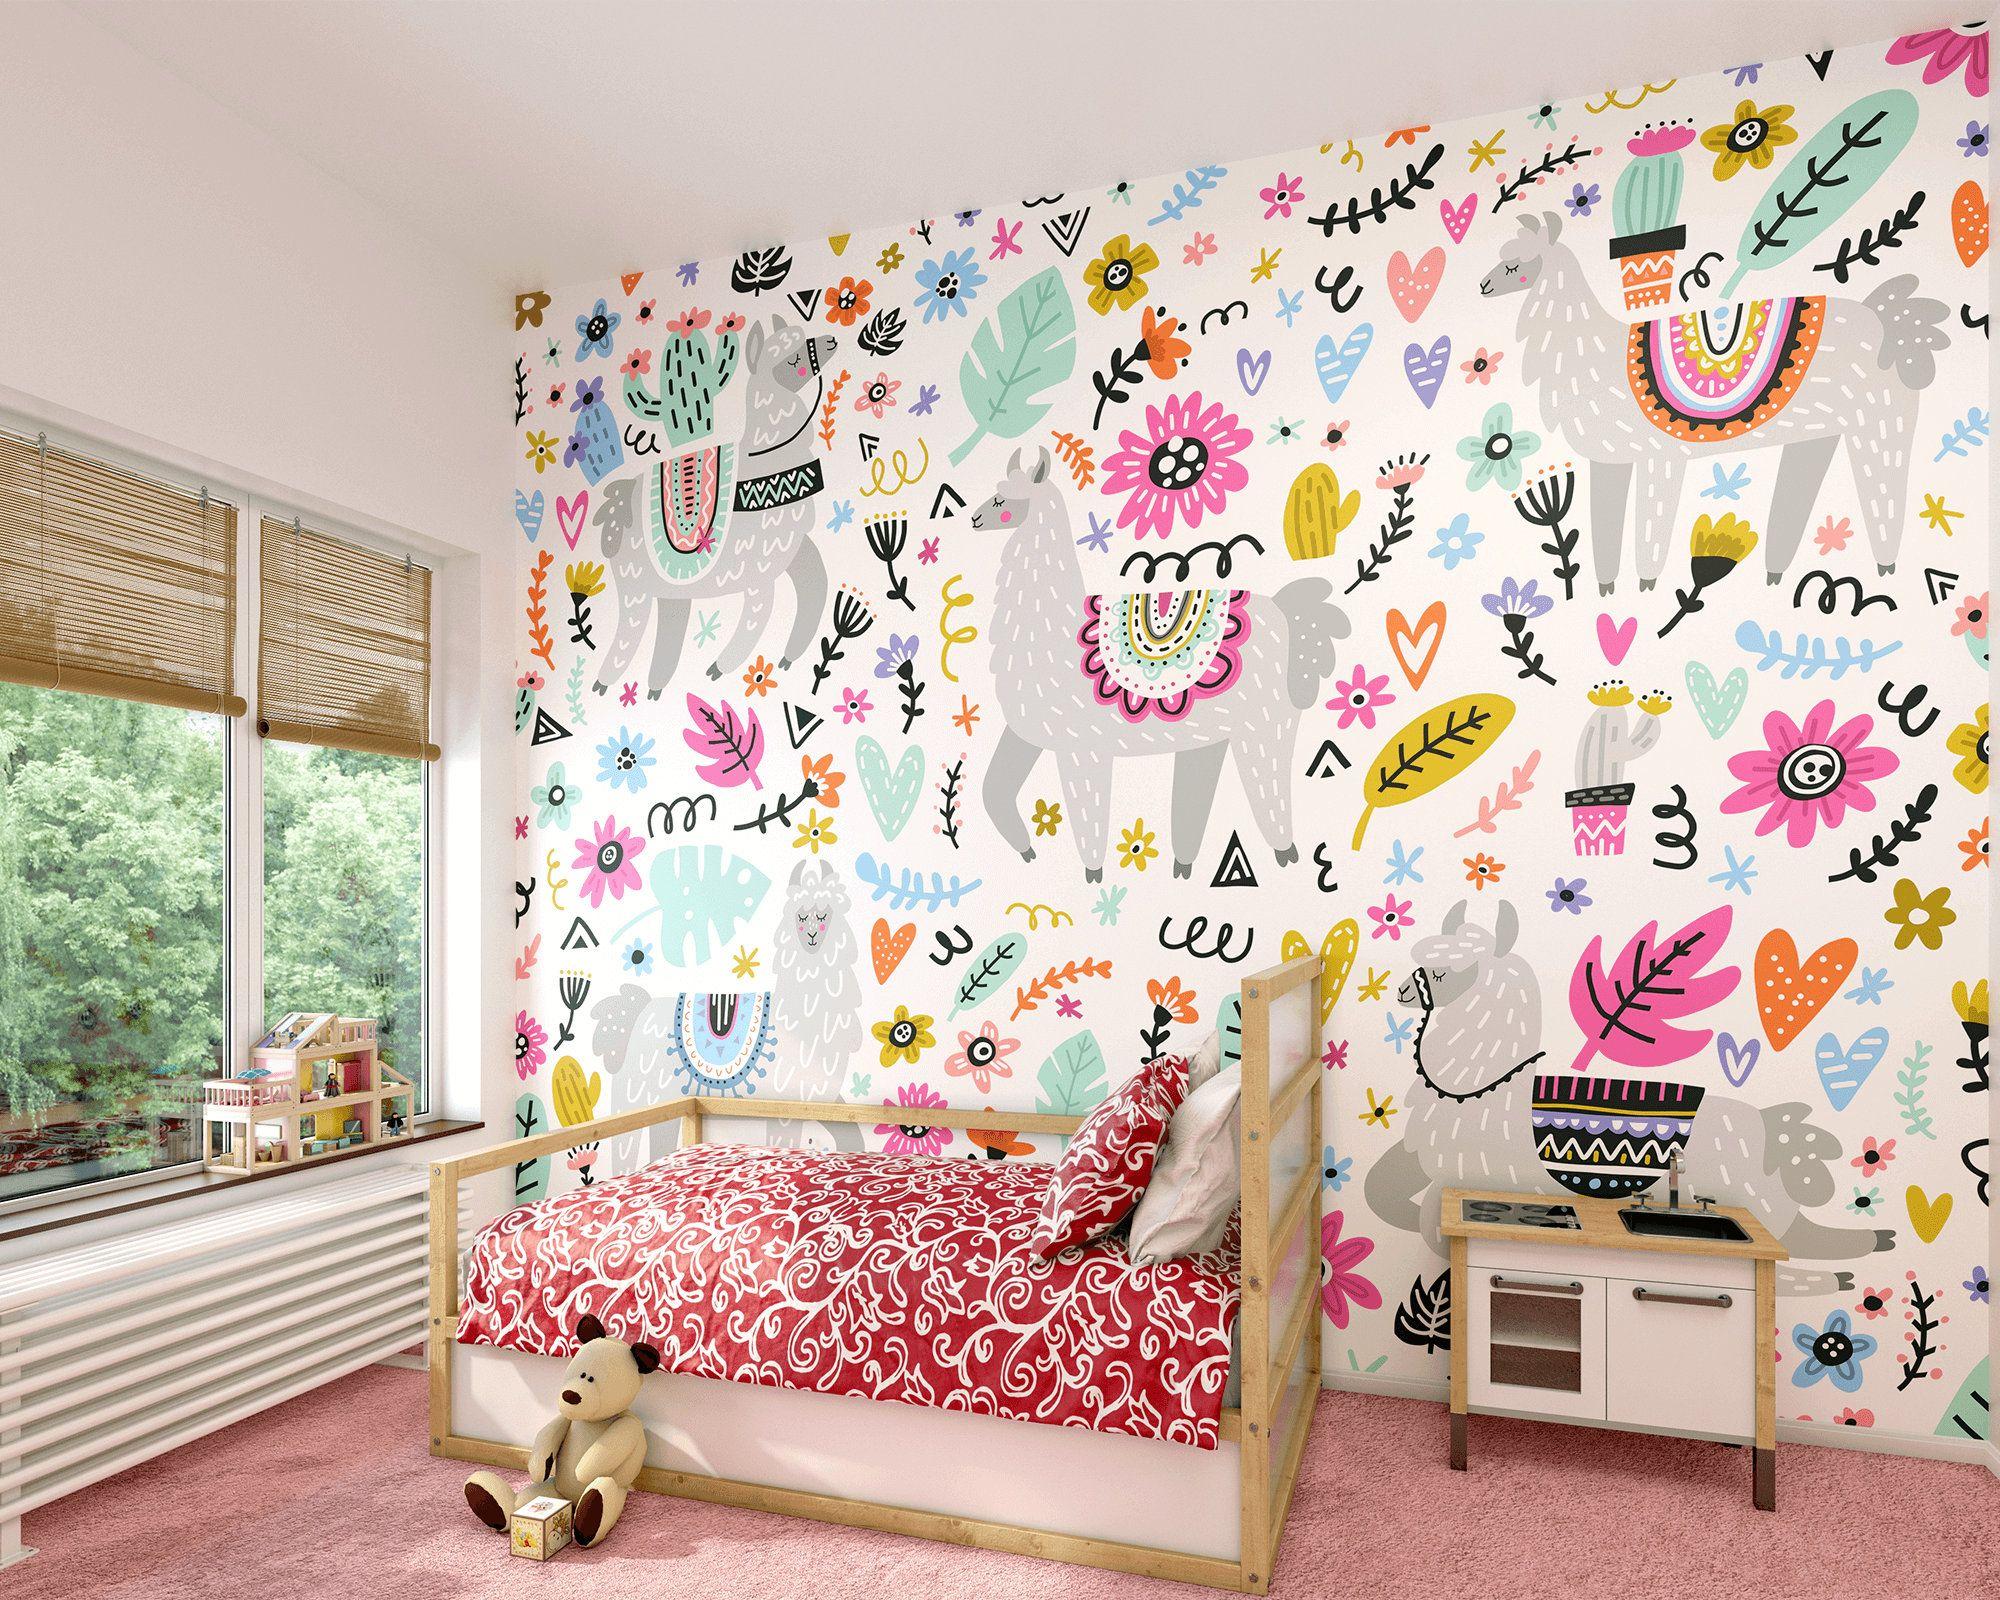 Llama Wallpaper Mural Cute Llama Girls Bedroom Wall Decor Etsy Girls Room Wallpaper Wall Decor Bedroom Girls Kids Room Wall Decor